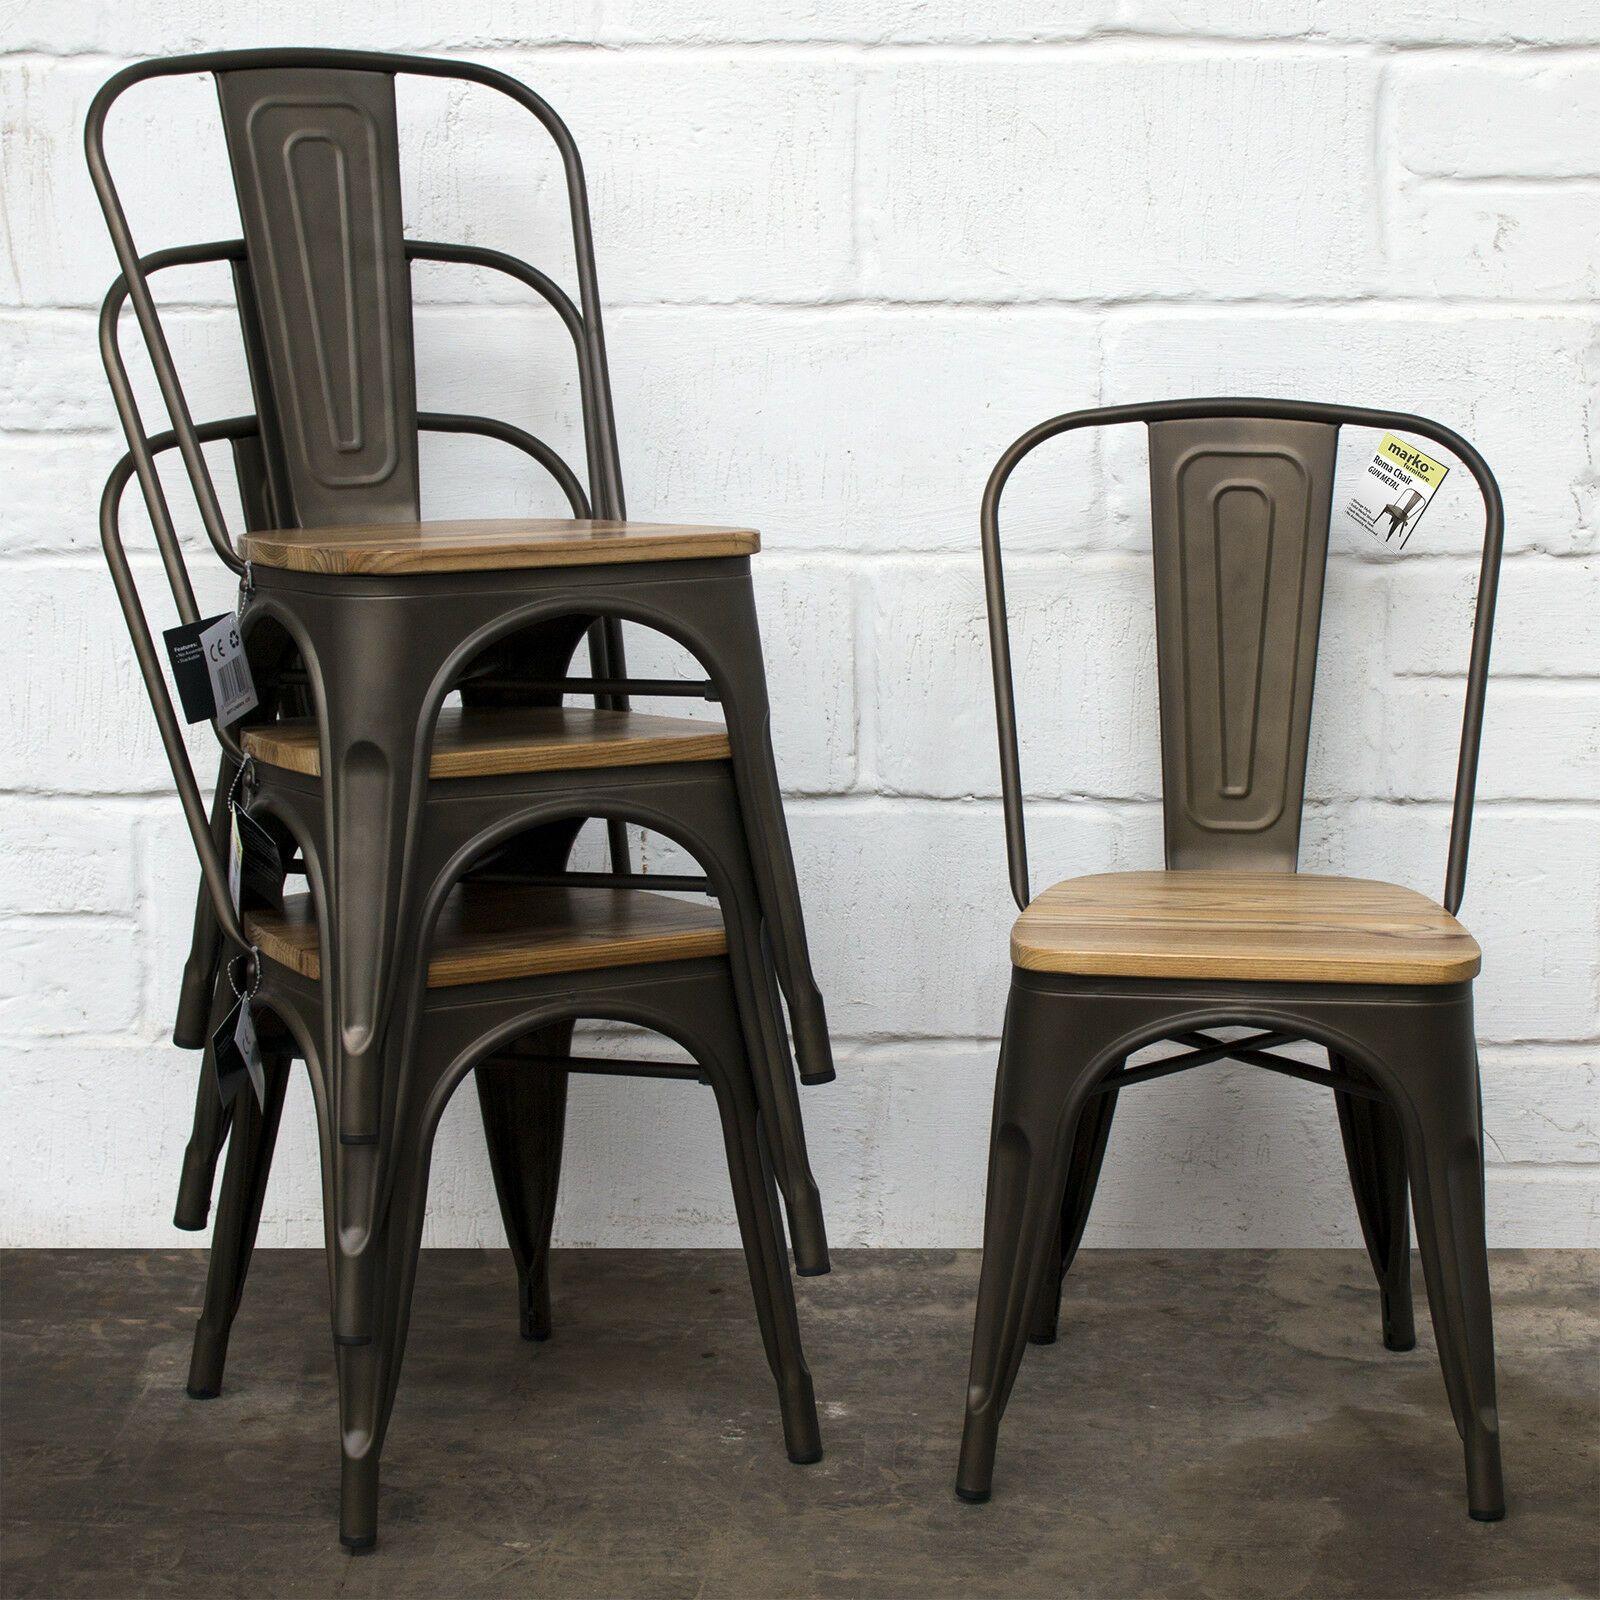 Tolix style vintage metal dining bistro chairs garden kitchen